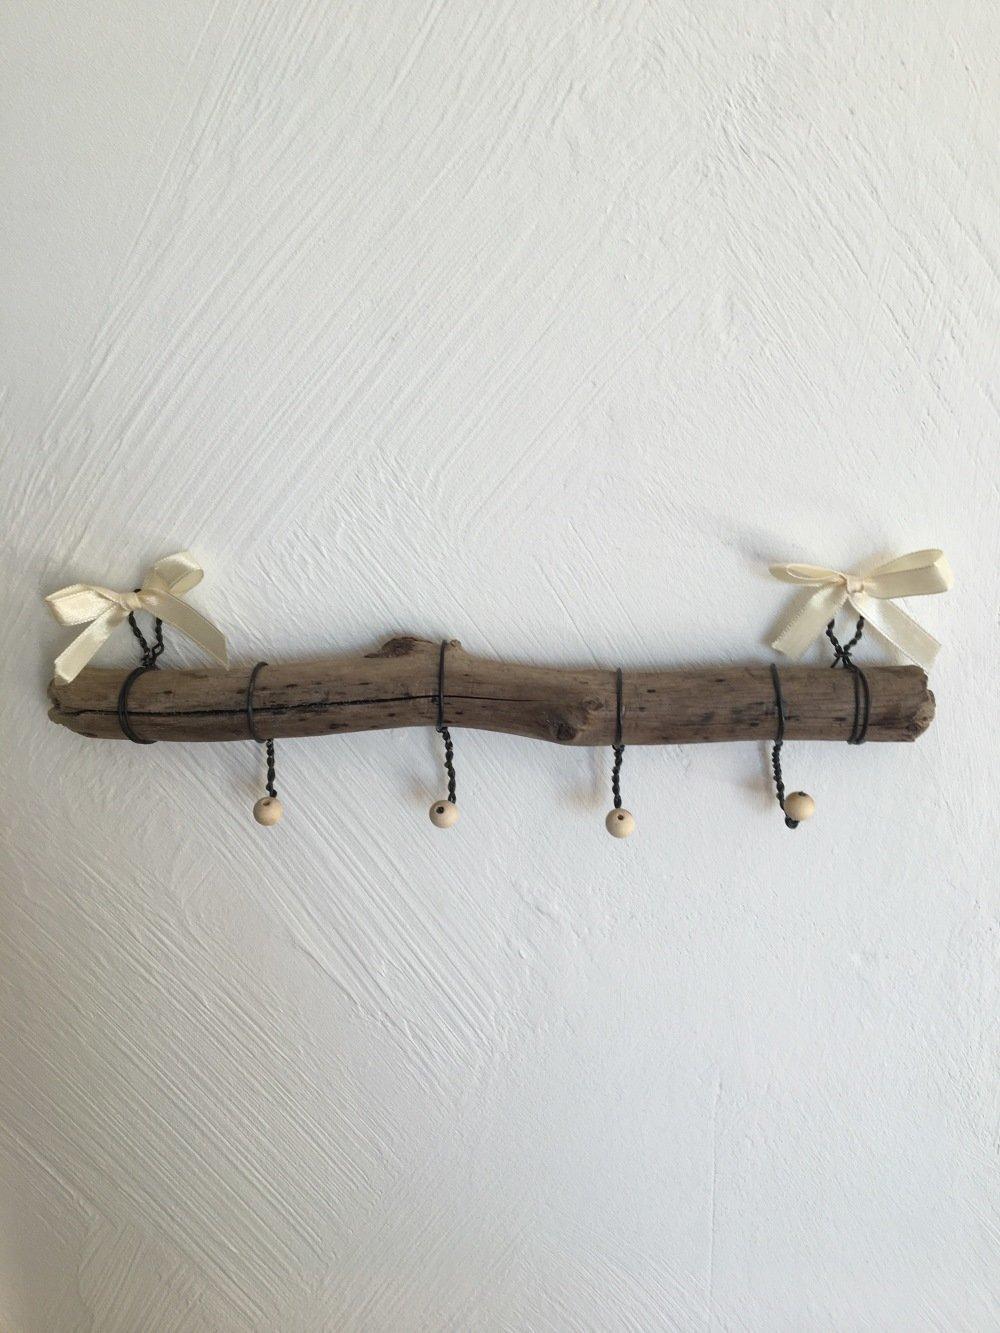 Bois Flotté Porte Photo porte colliers, sautoirs, en bois flotté